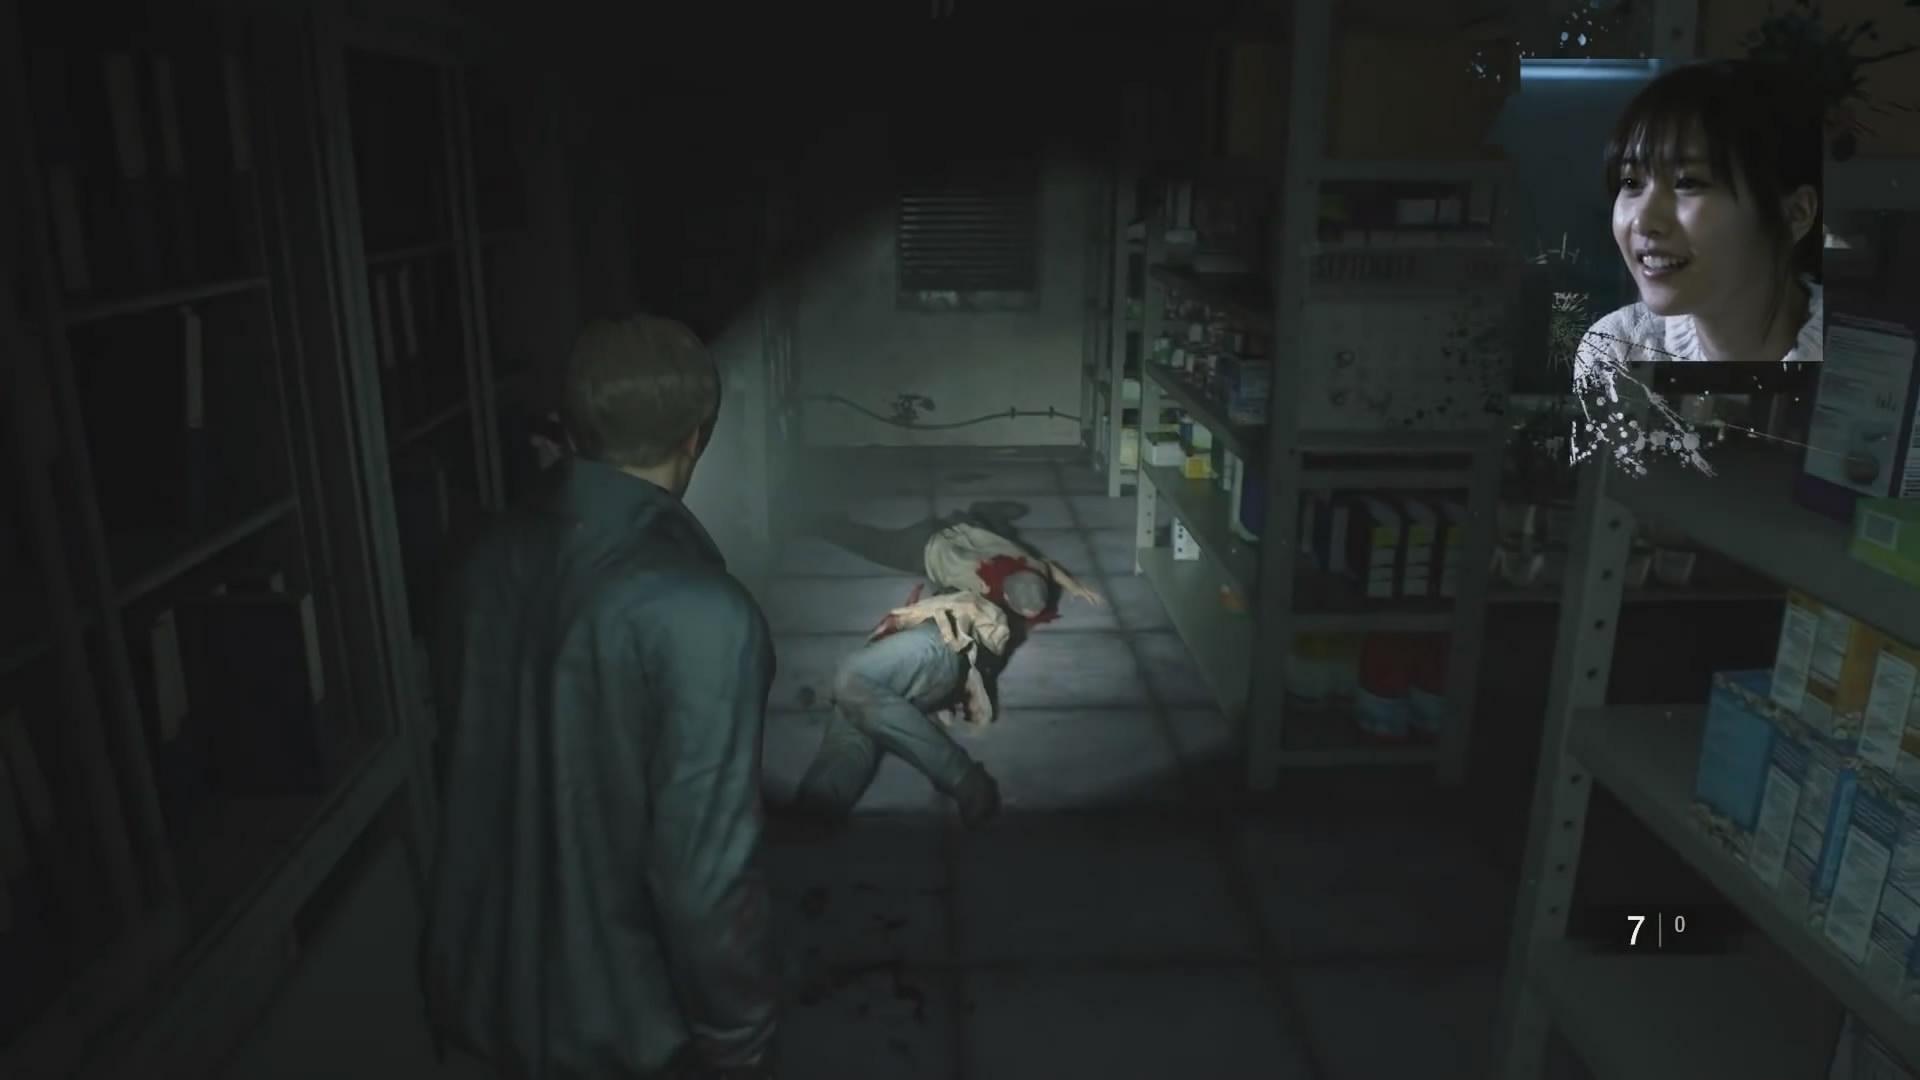 日本女明星玩《生化危机2:重制版》 惊声尖叫差点吓尿